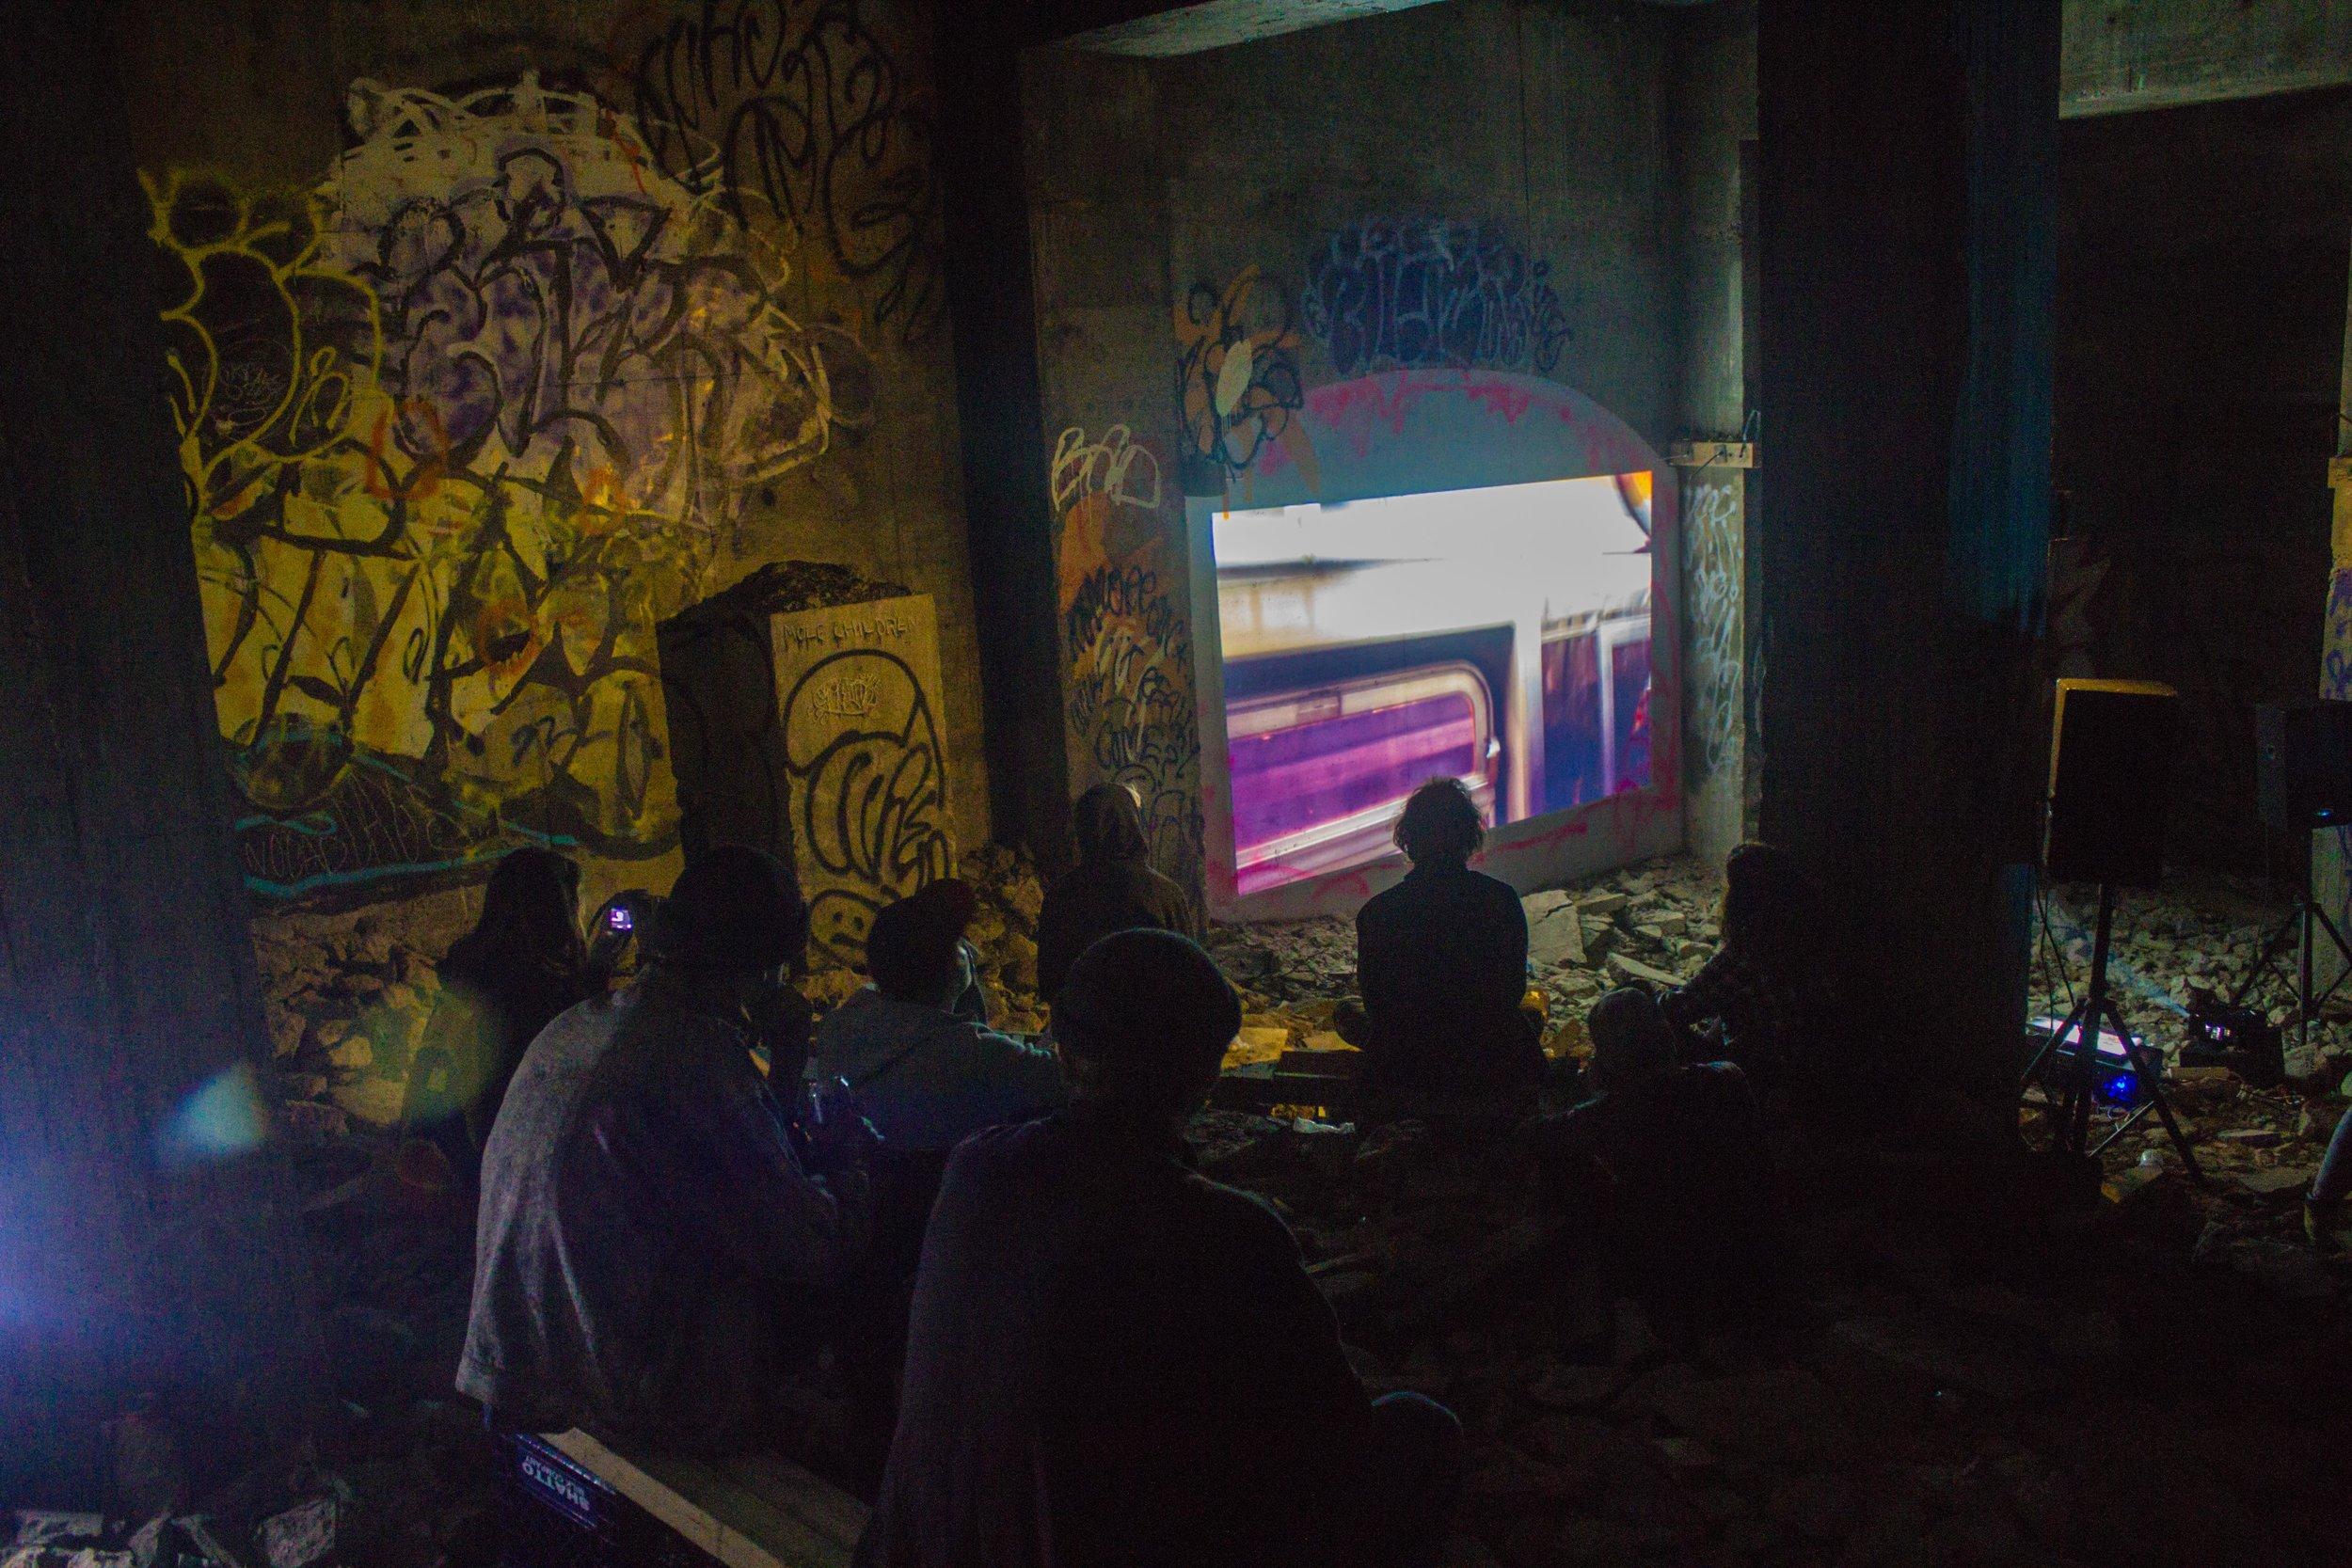 Wastedland 2 Event Photos-14.jpeg